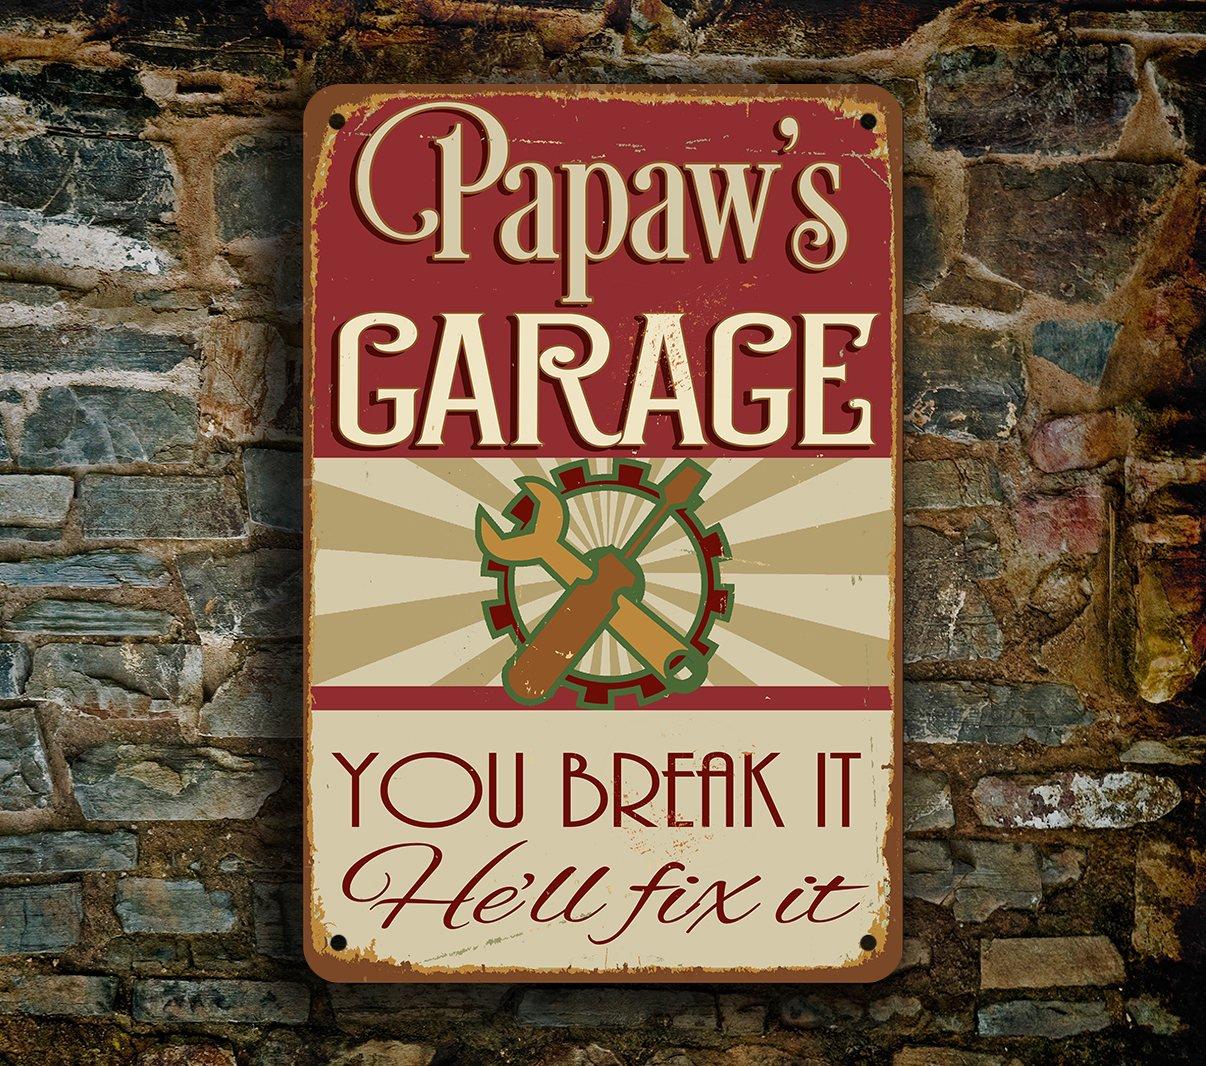 Papaws-Garage-Sign-1